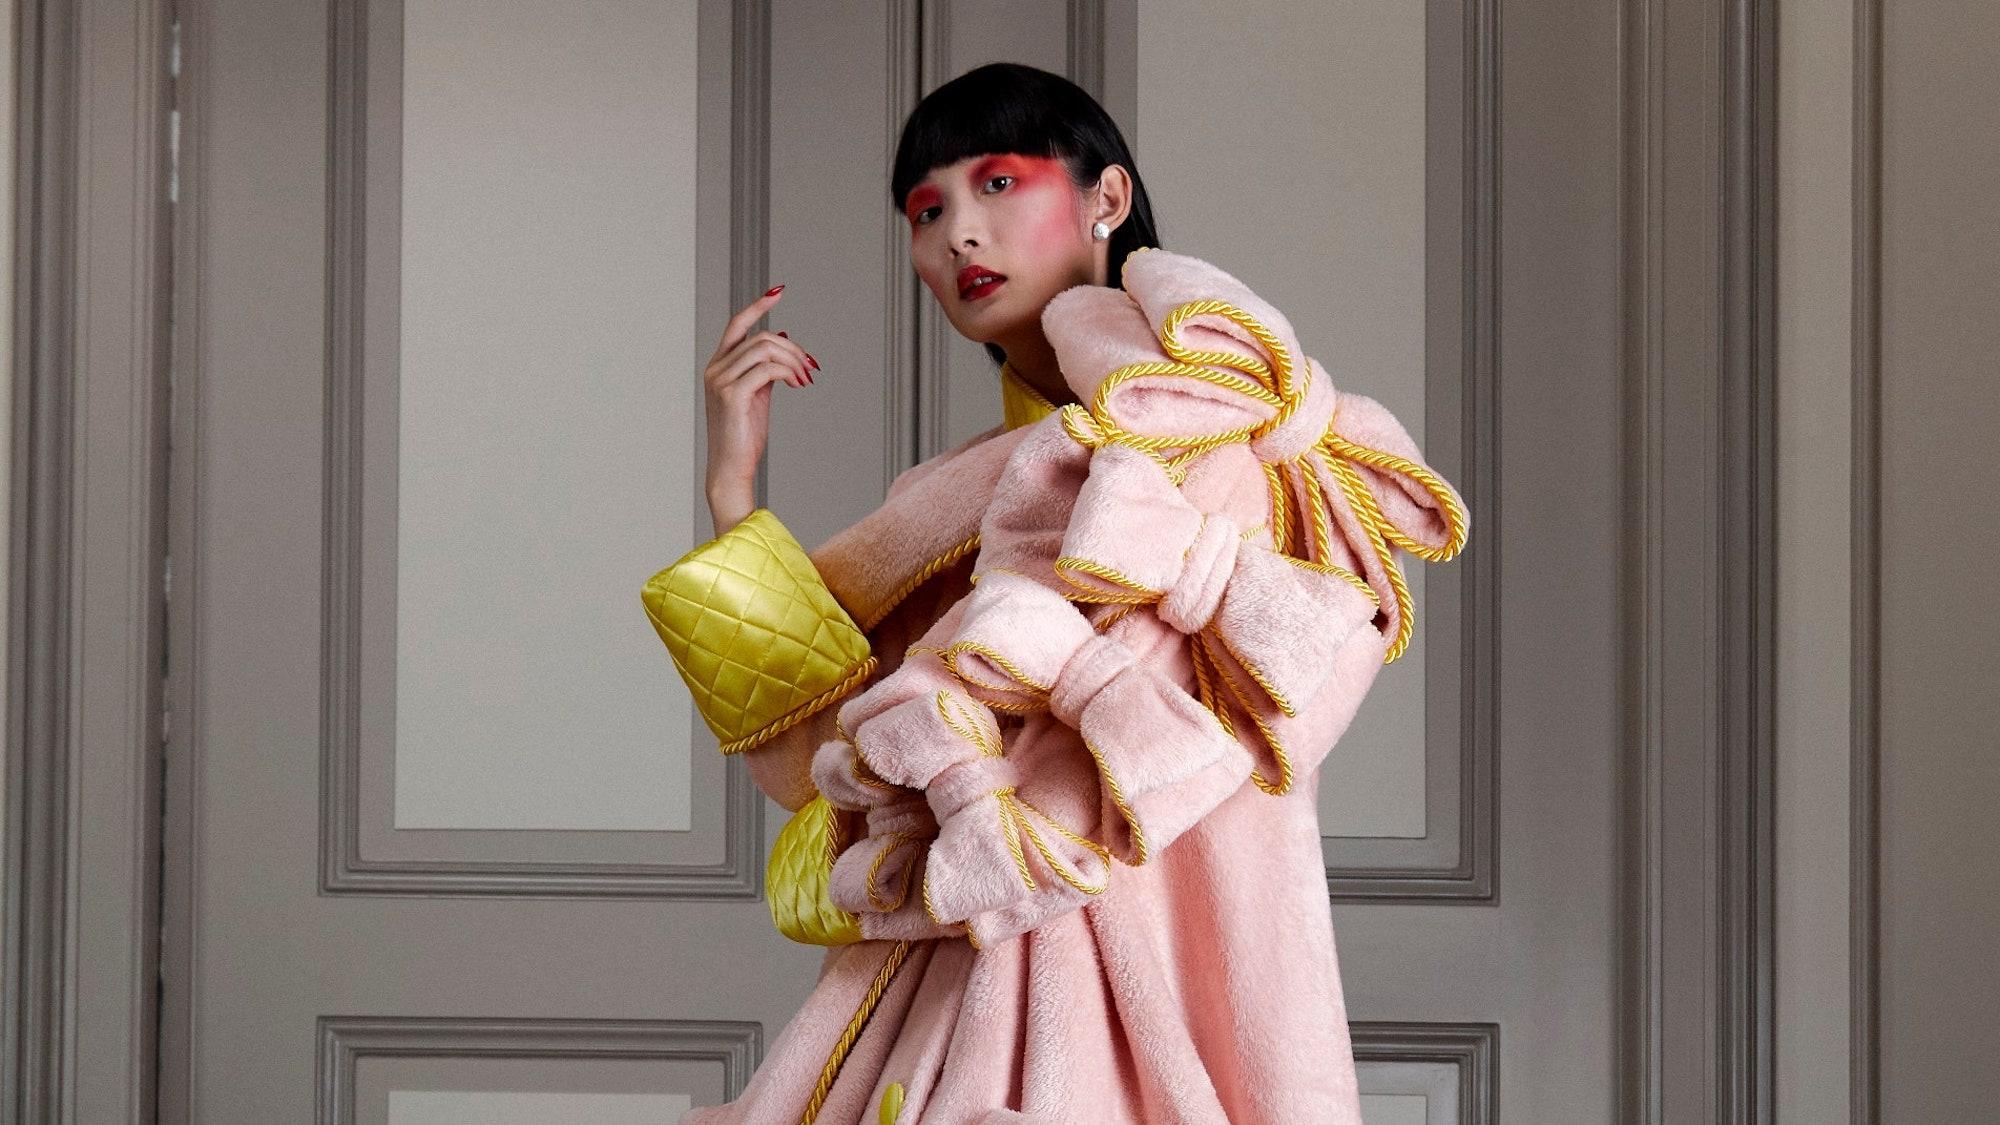 Sáng tạo vượt bậc trong 8 show diễn Haute Couture số tiêu biểu năm nay